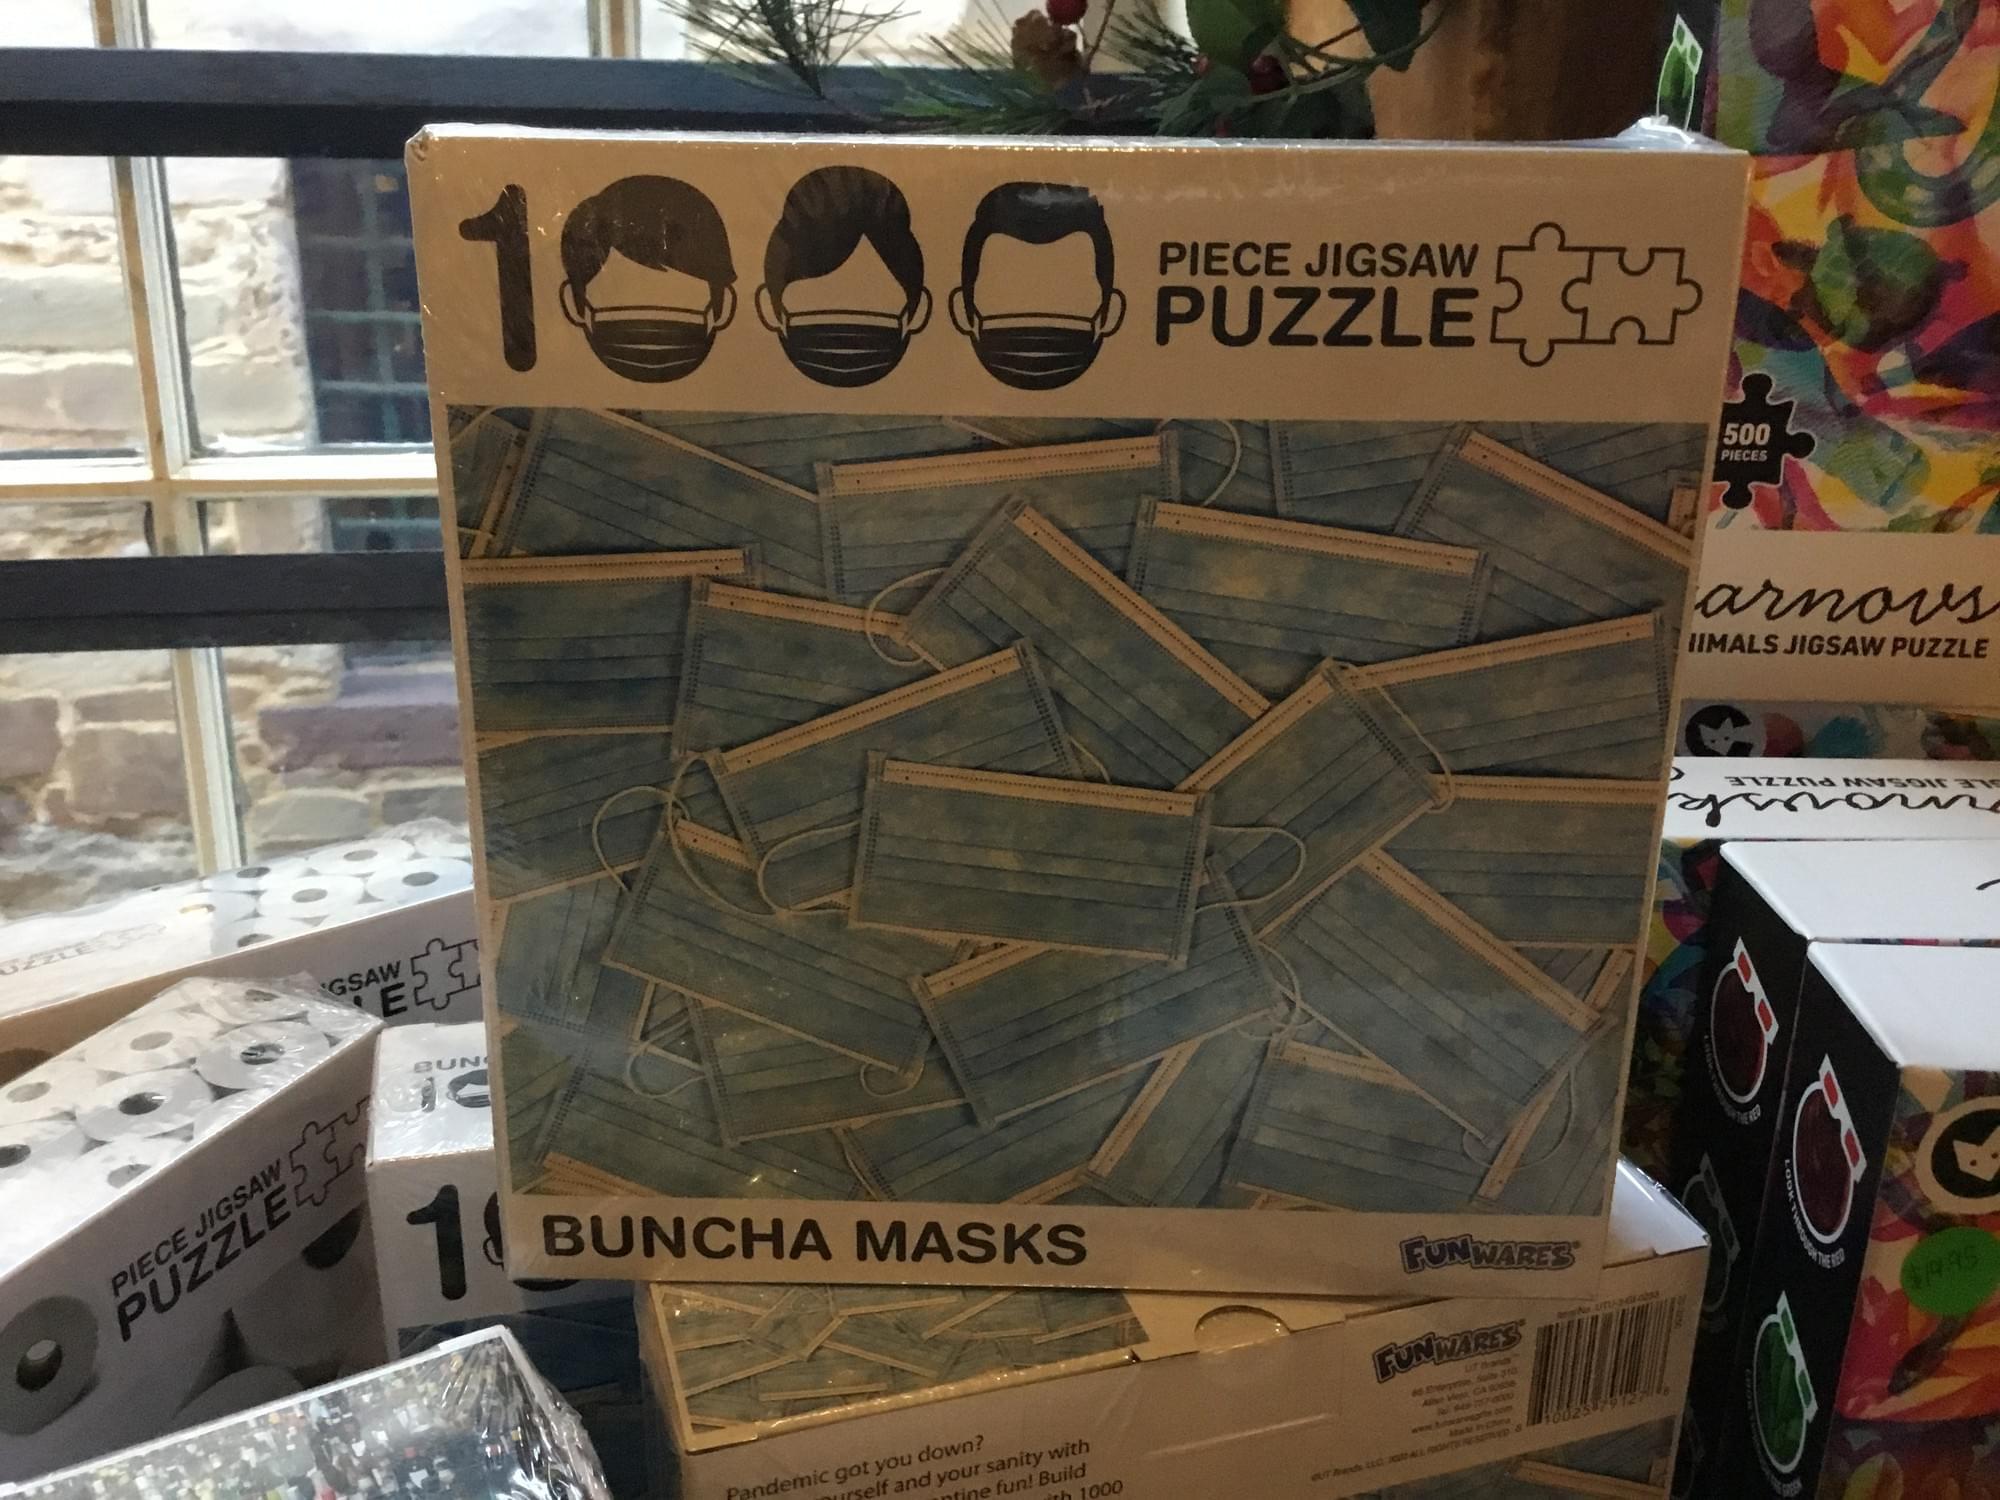 Buncha Masks Puzzle